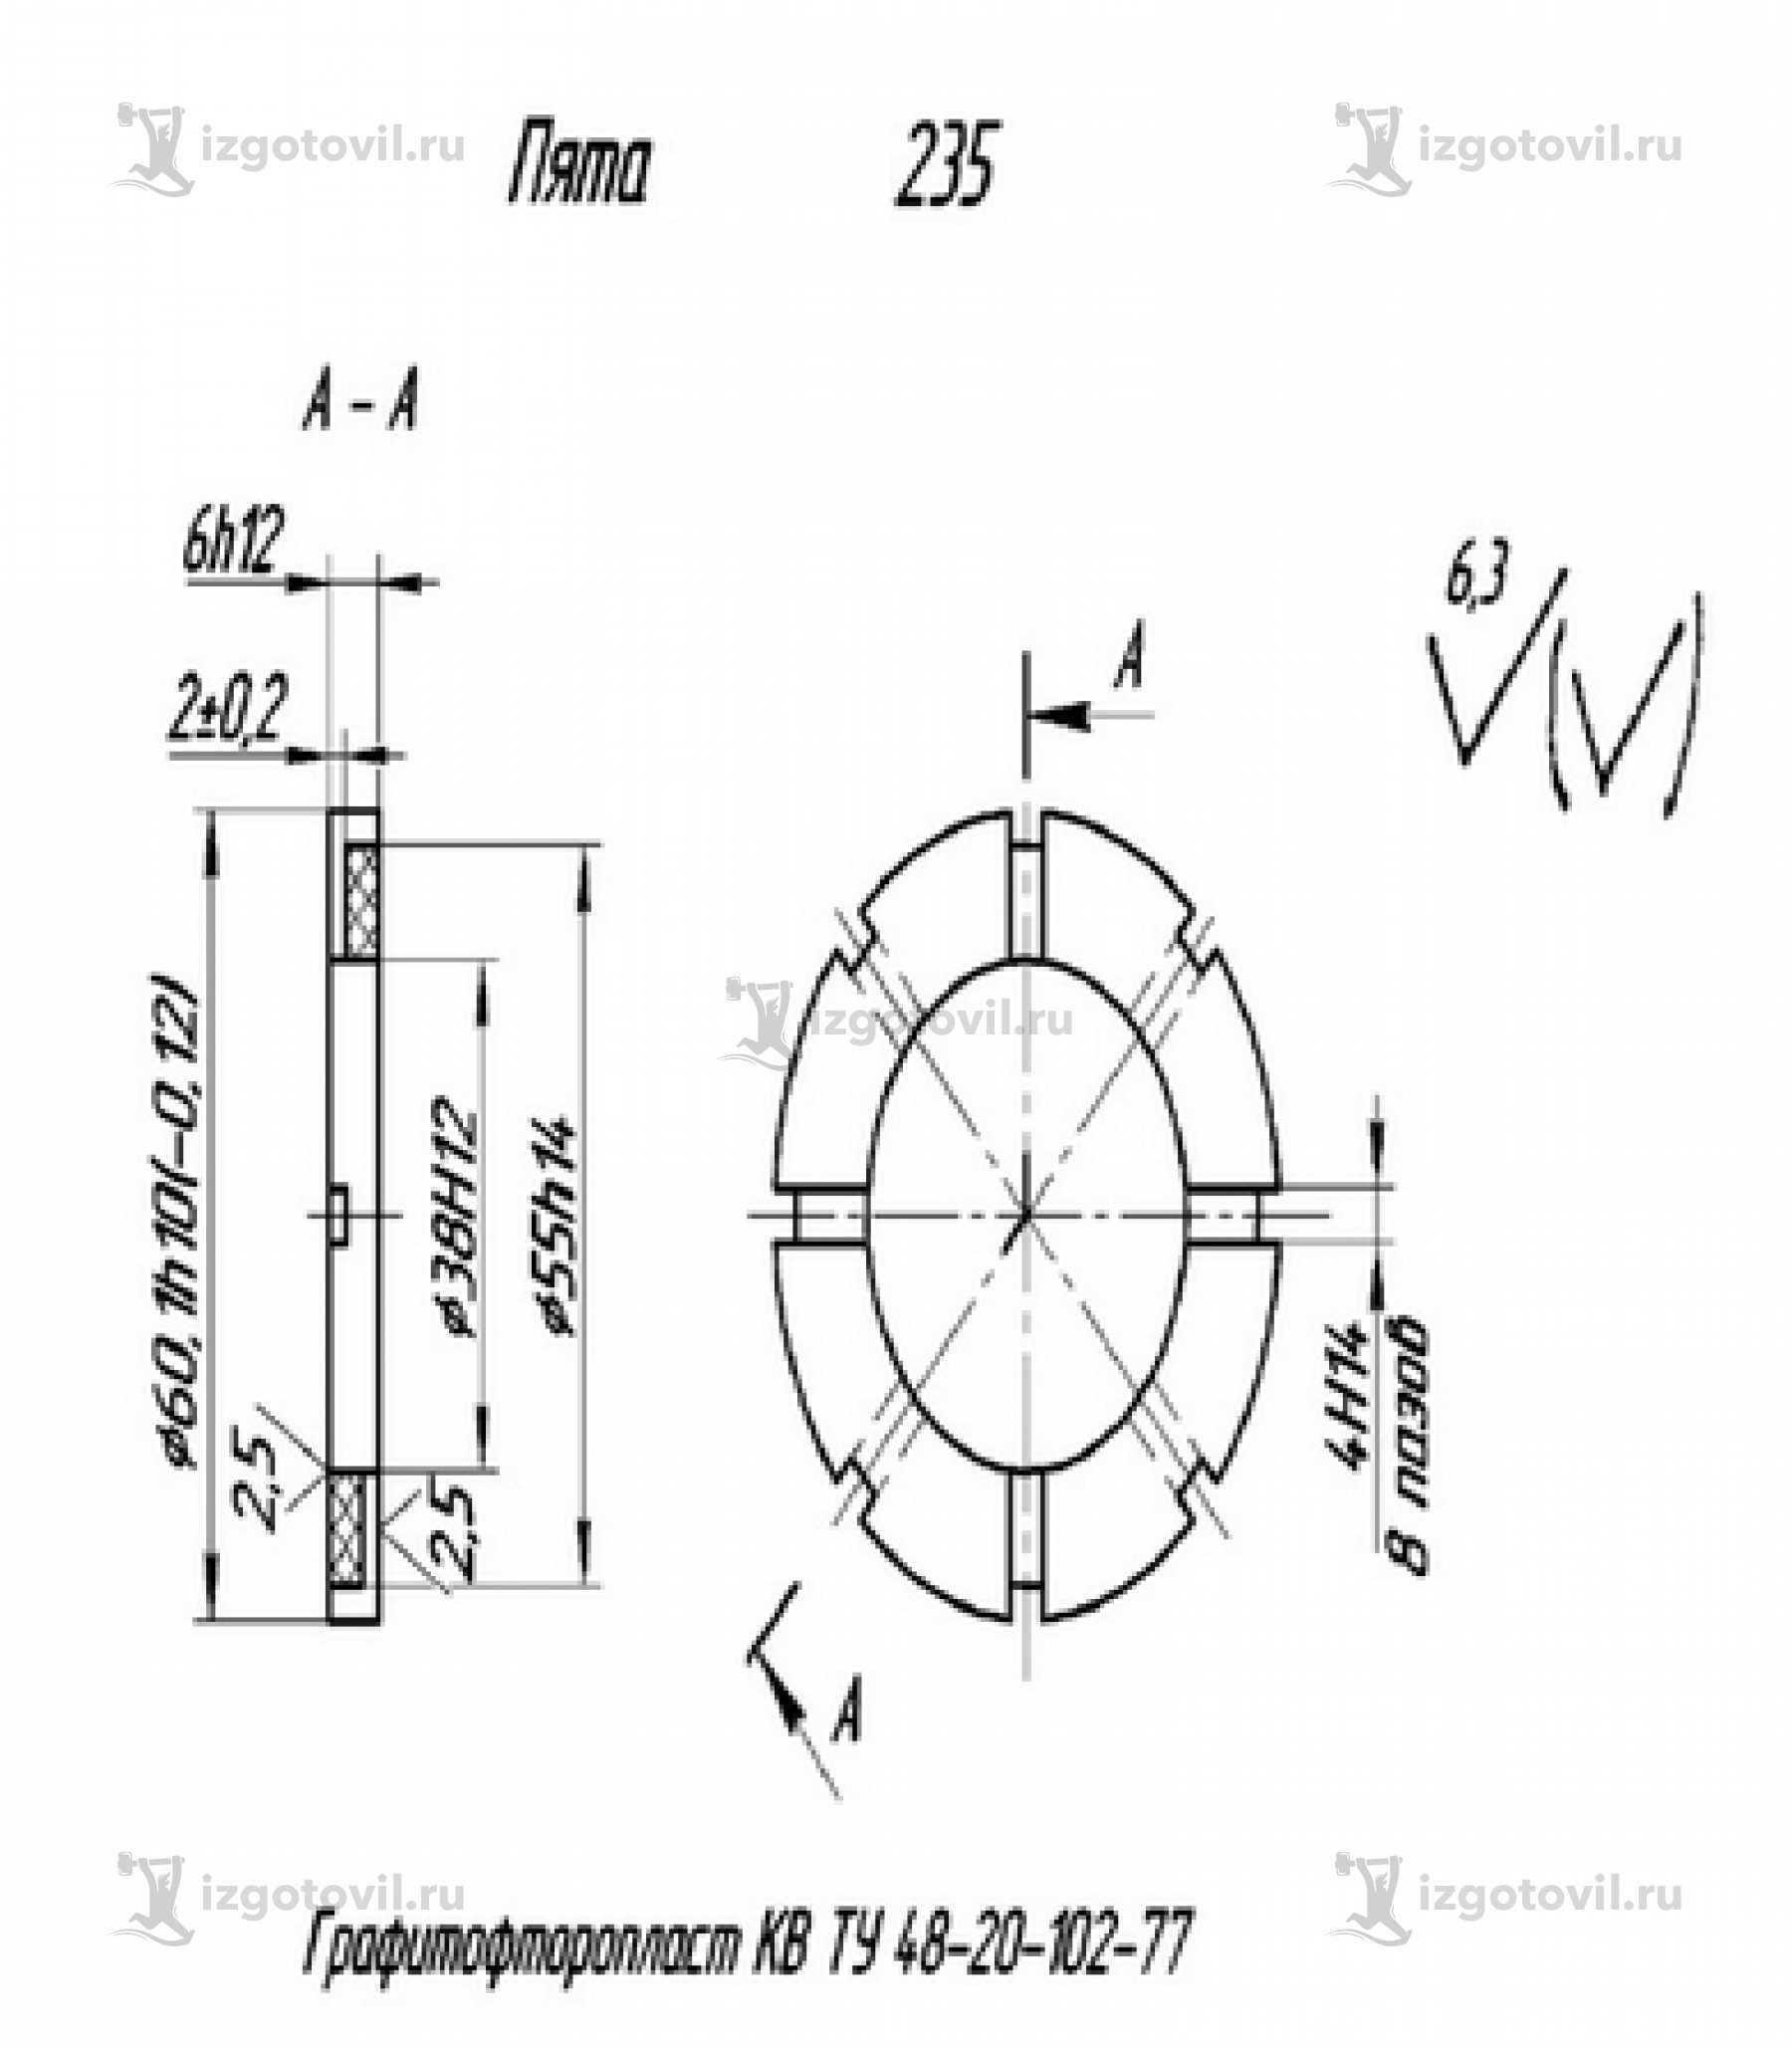 Изготовление деталей по чертежам - изготовление втулки, пяты, вкладыша